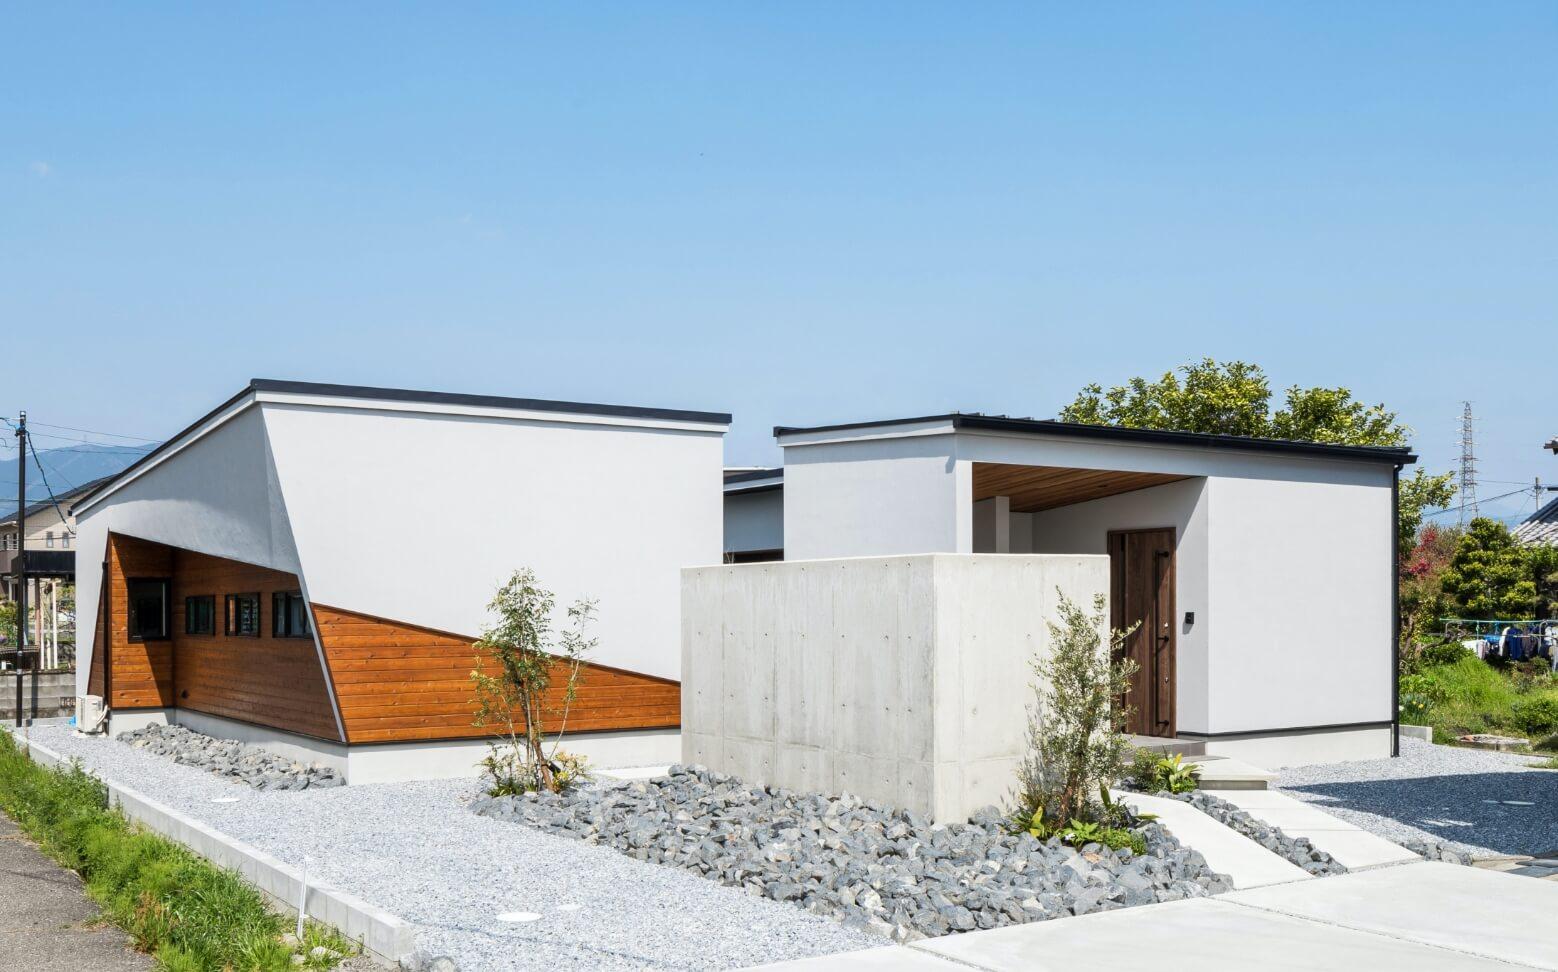 個性的でスタイリッシュな森住建住宅の外観